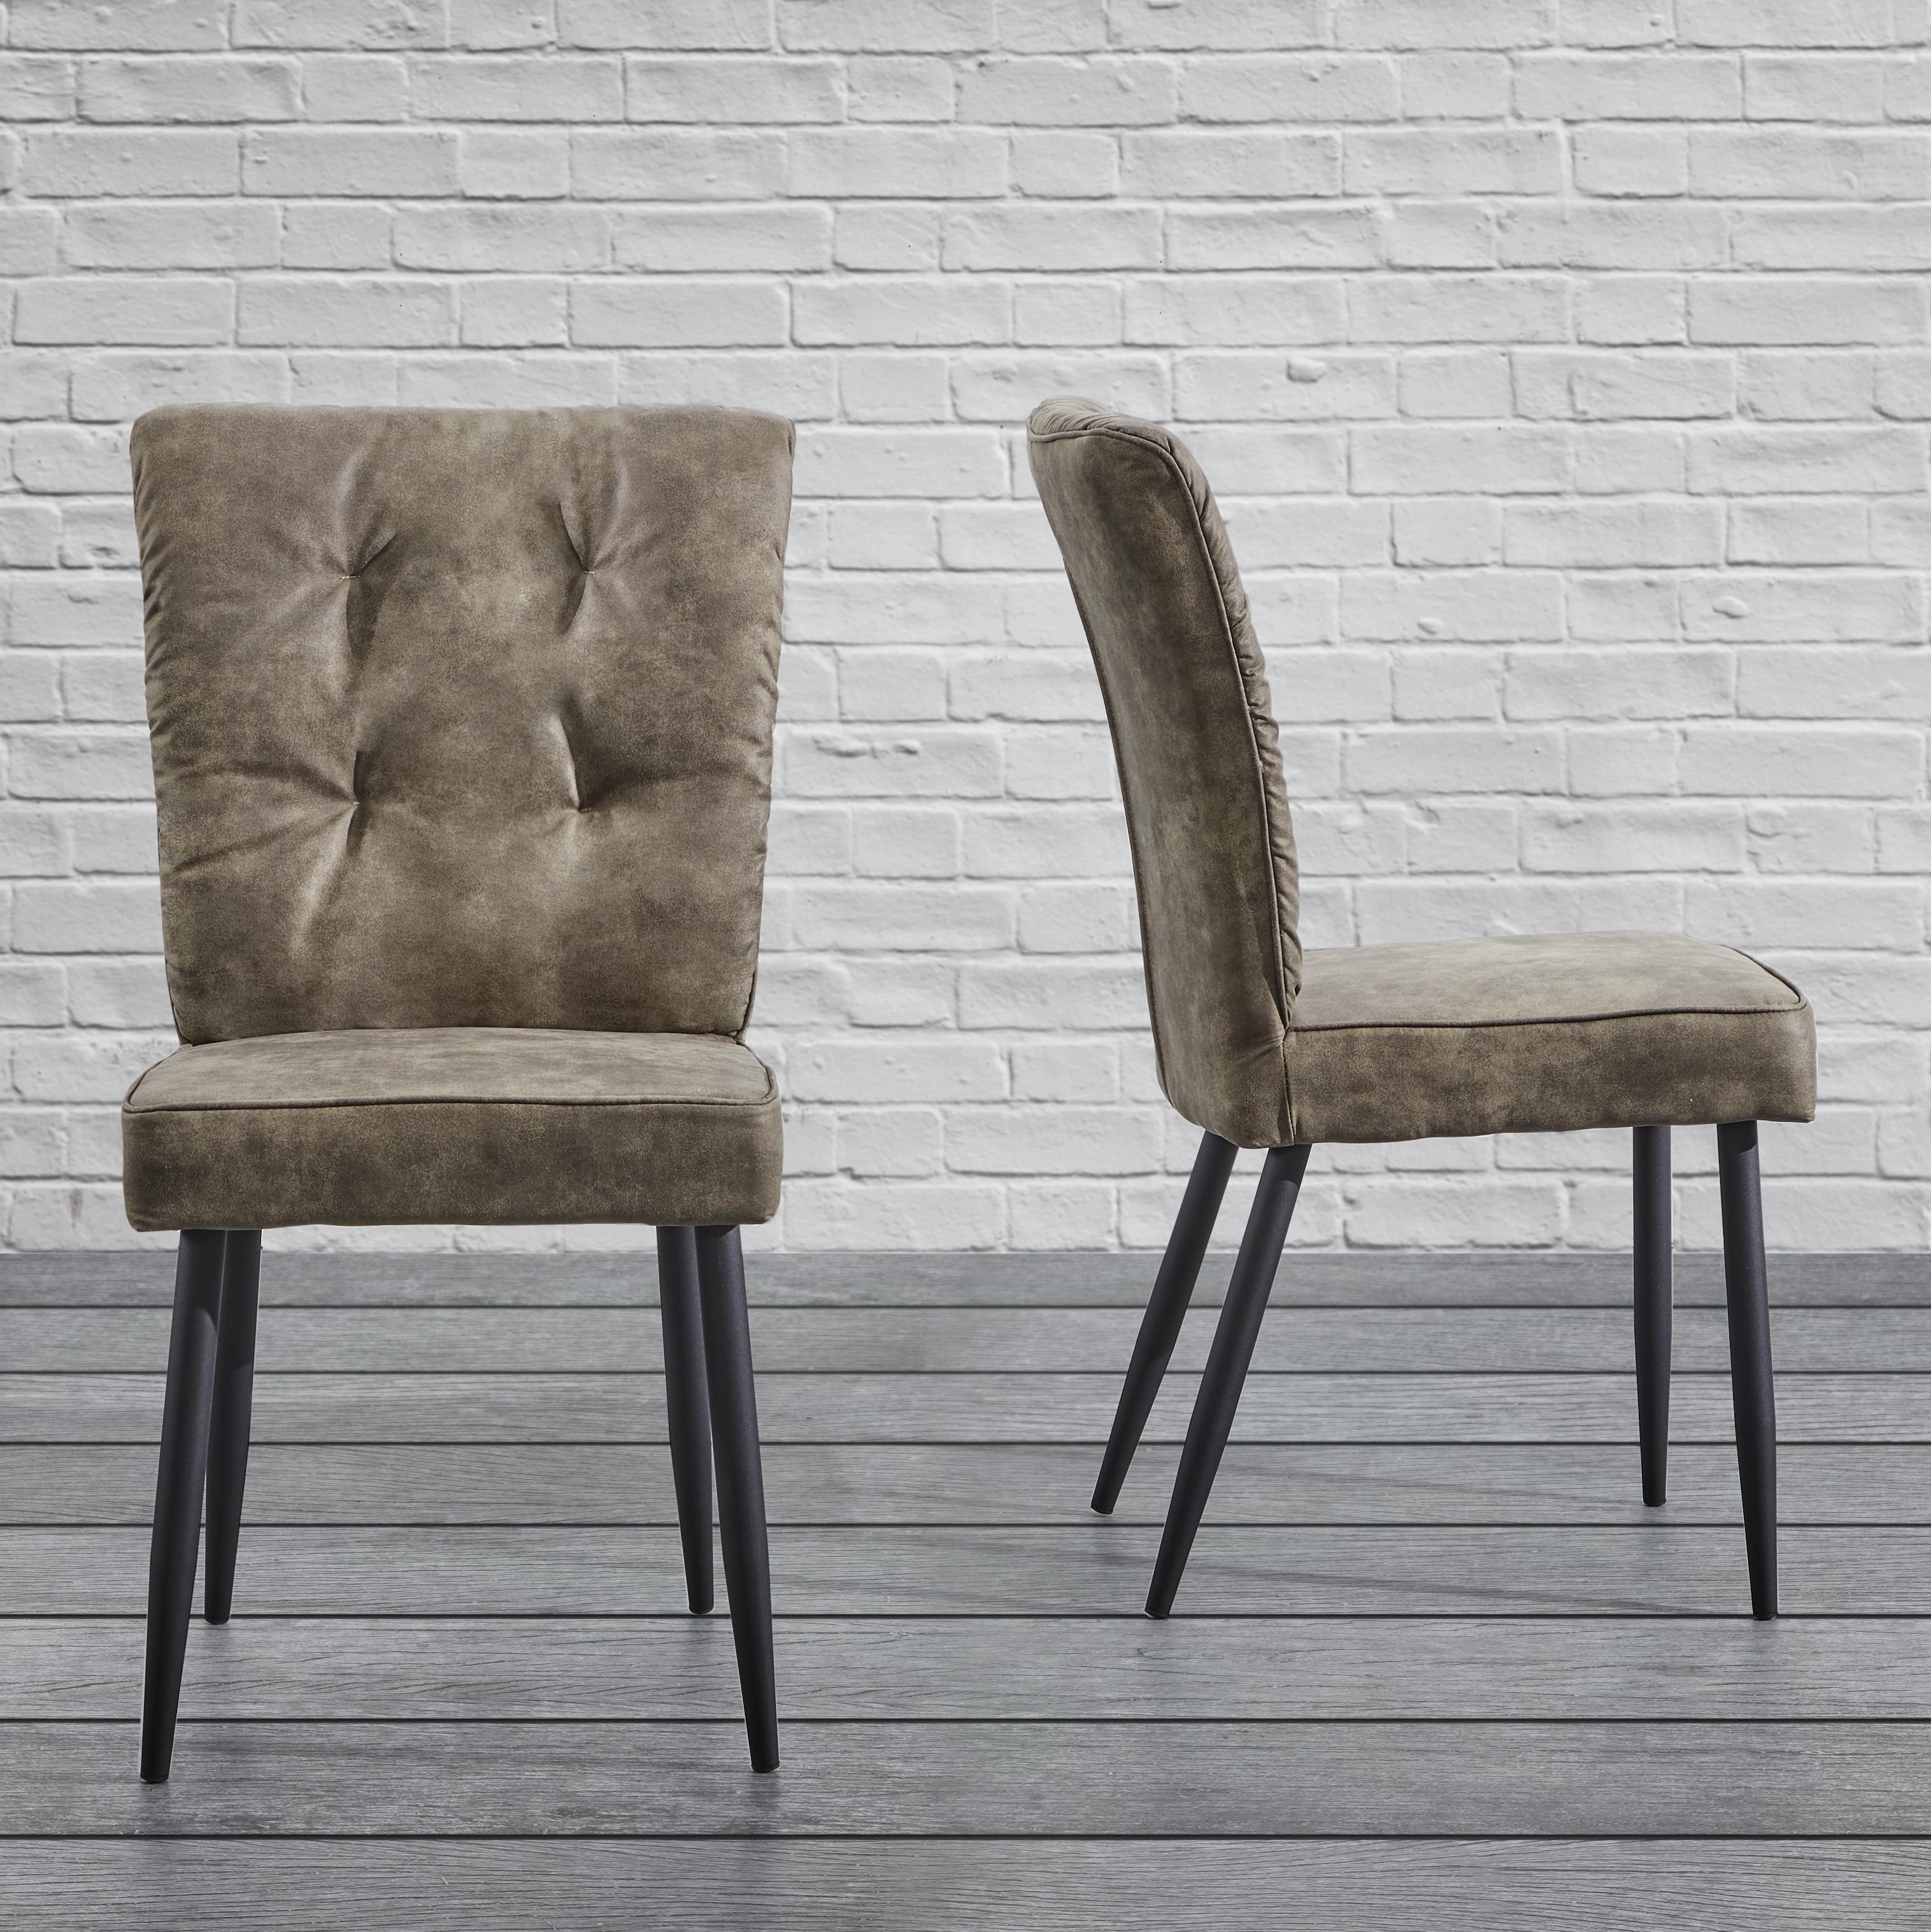 Braun Stuhl | 2 X Stuhl Maui In Braun Kunstleder Und